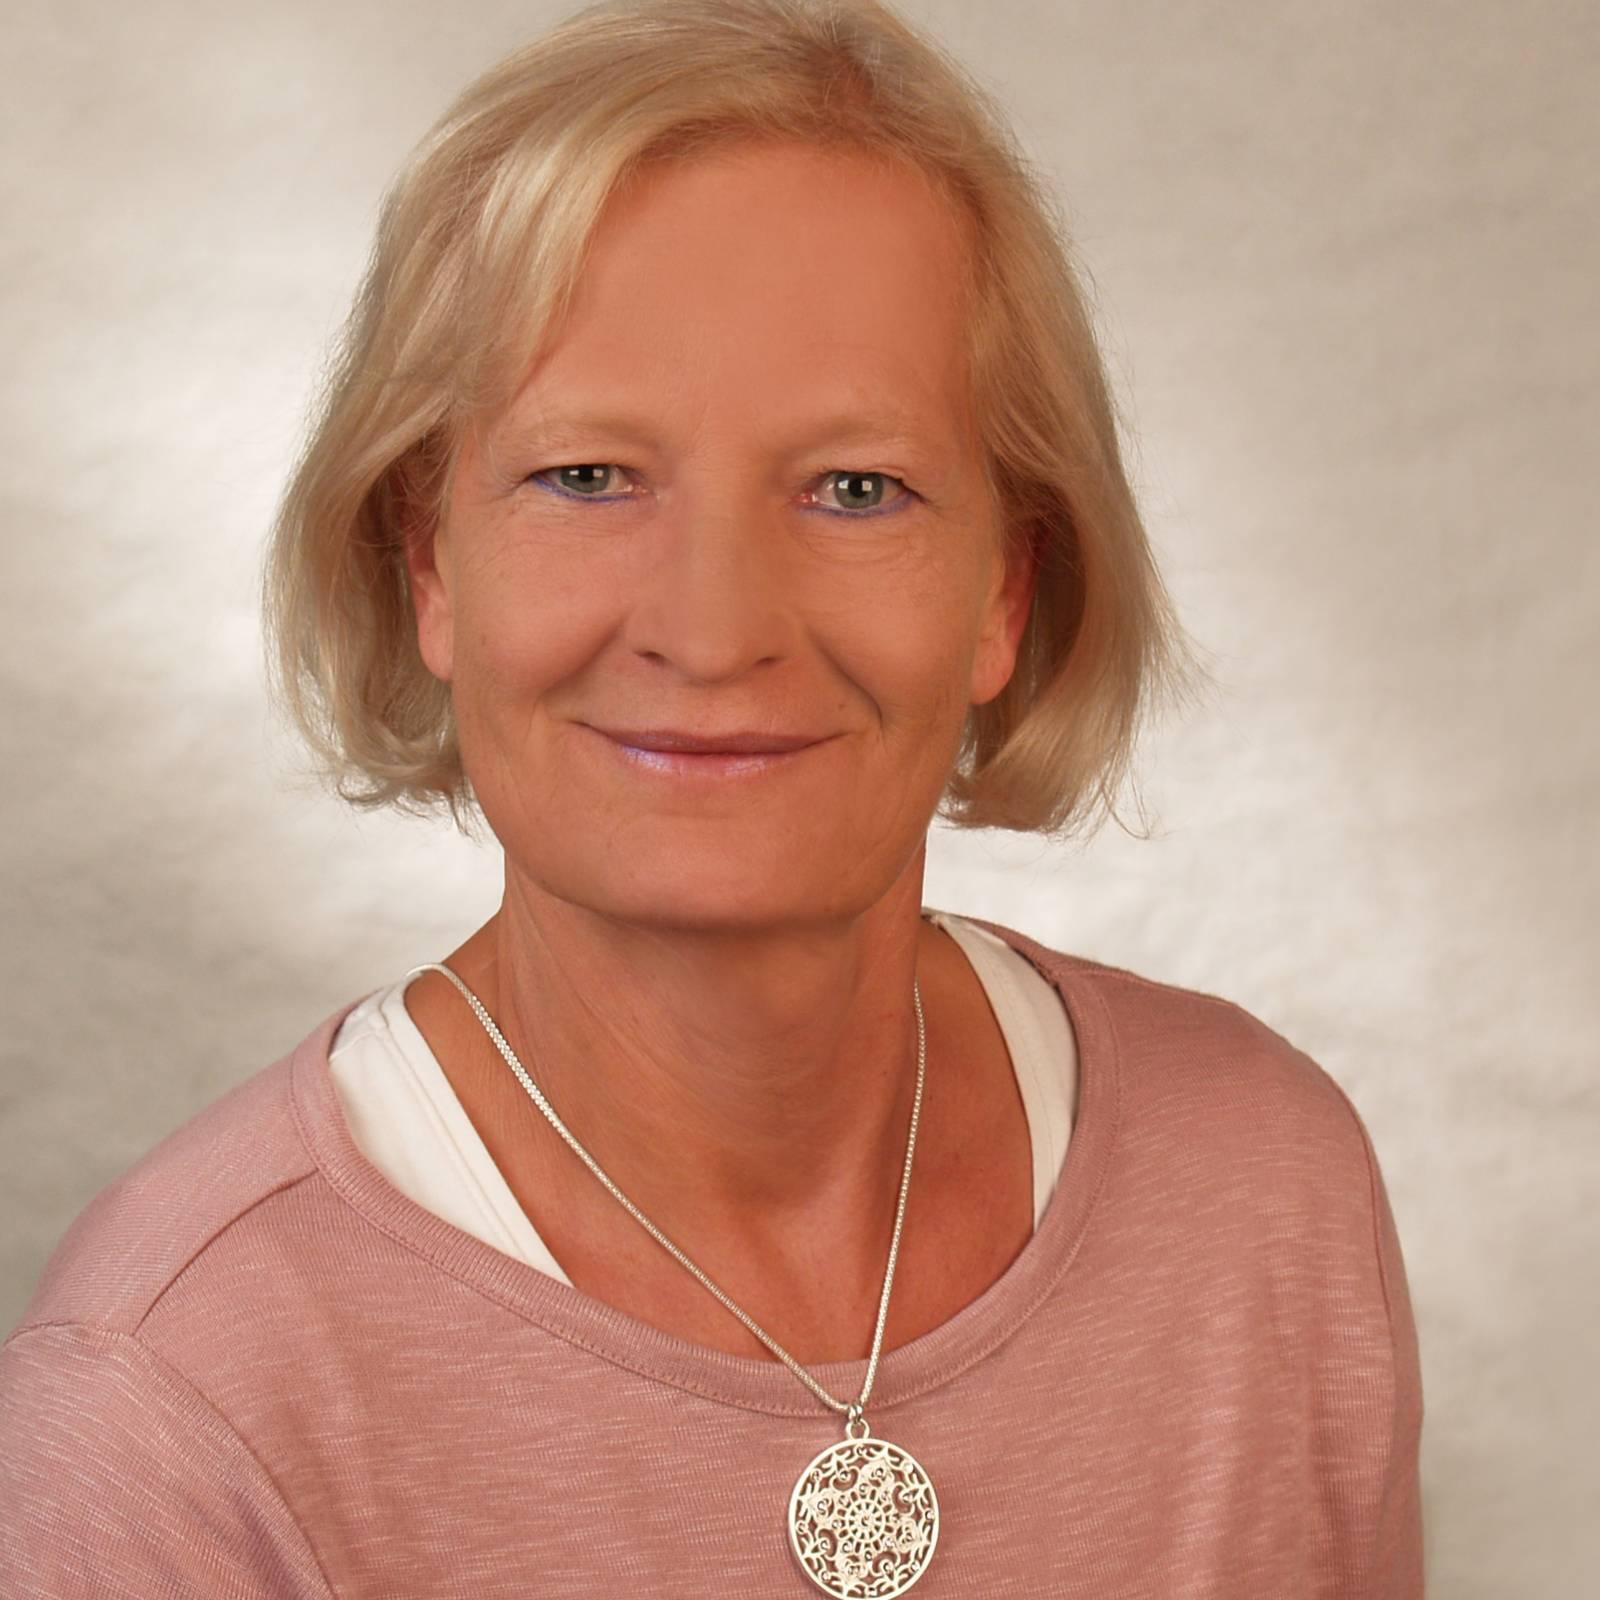 Martina Weiblen